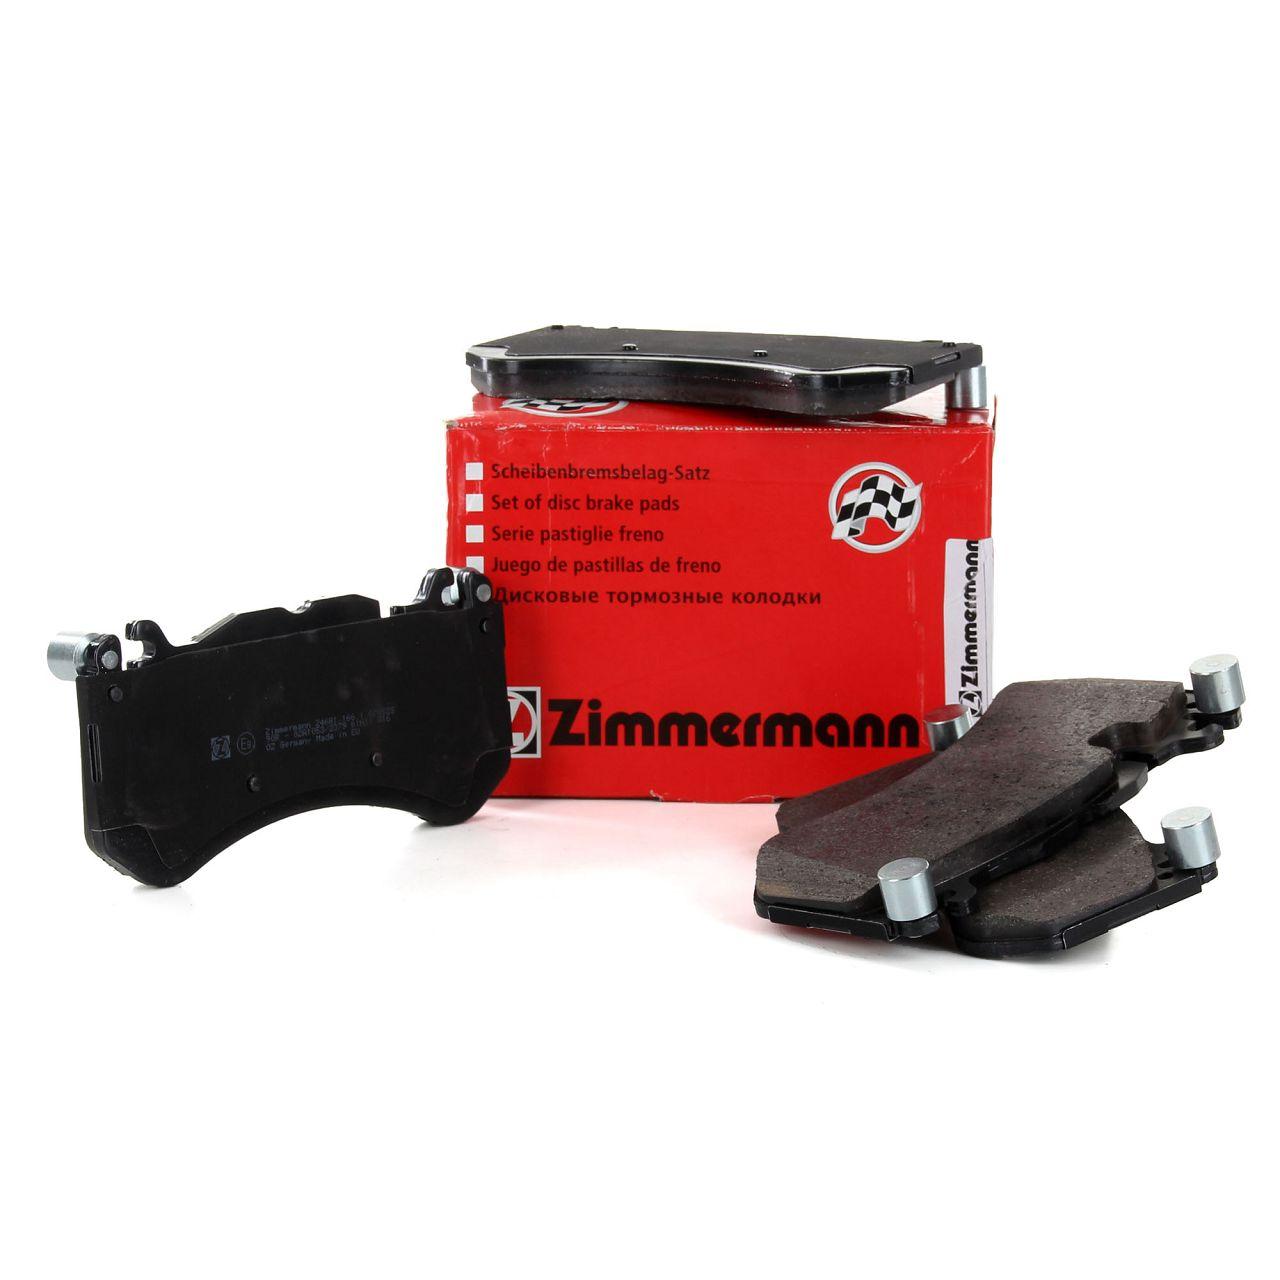 ZIMMERMANN Bremsbeläge Bremsklötze vorne für MERCEDES-BENZ C 63 AMG S600 CL600